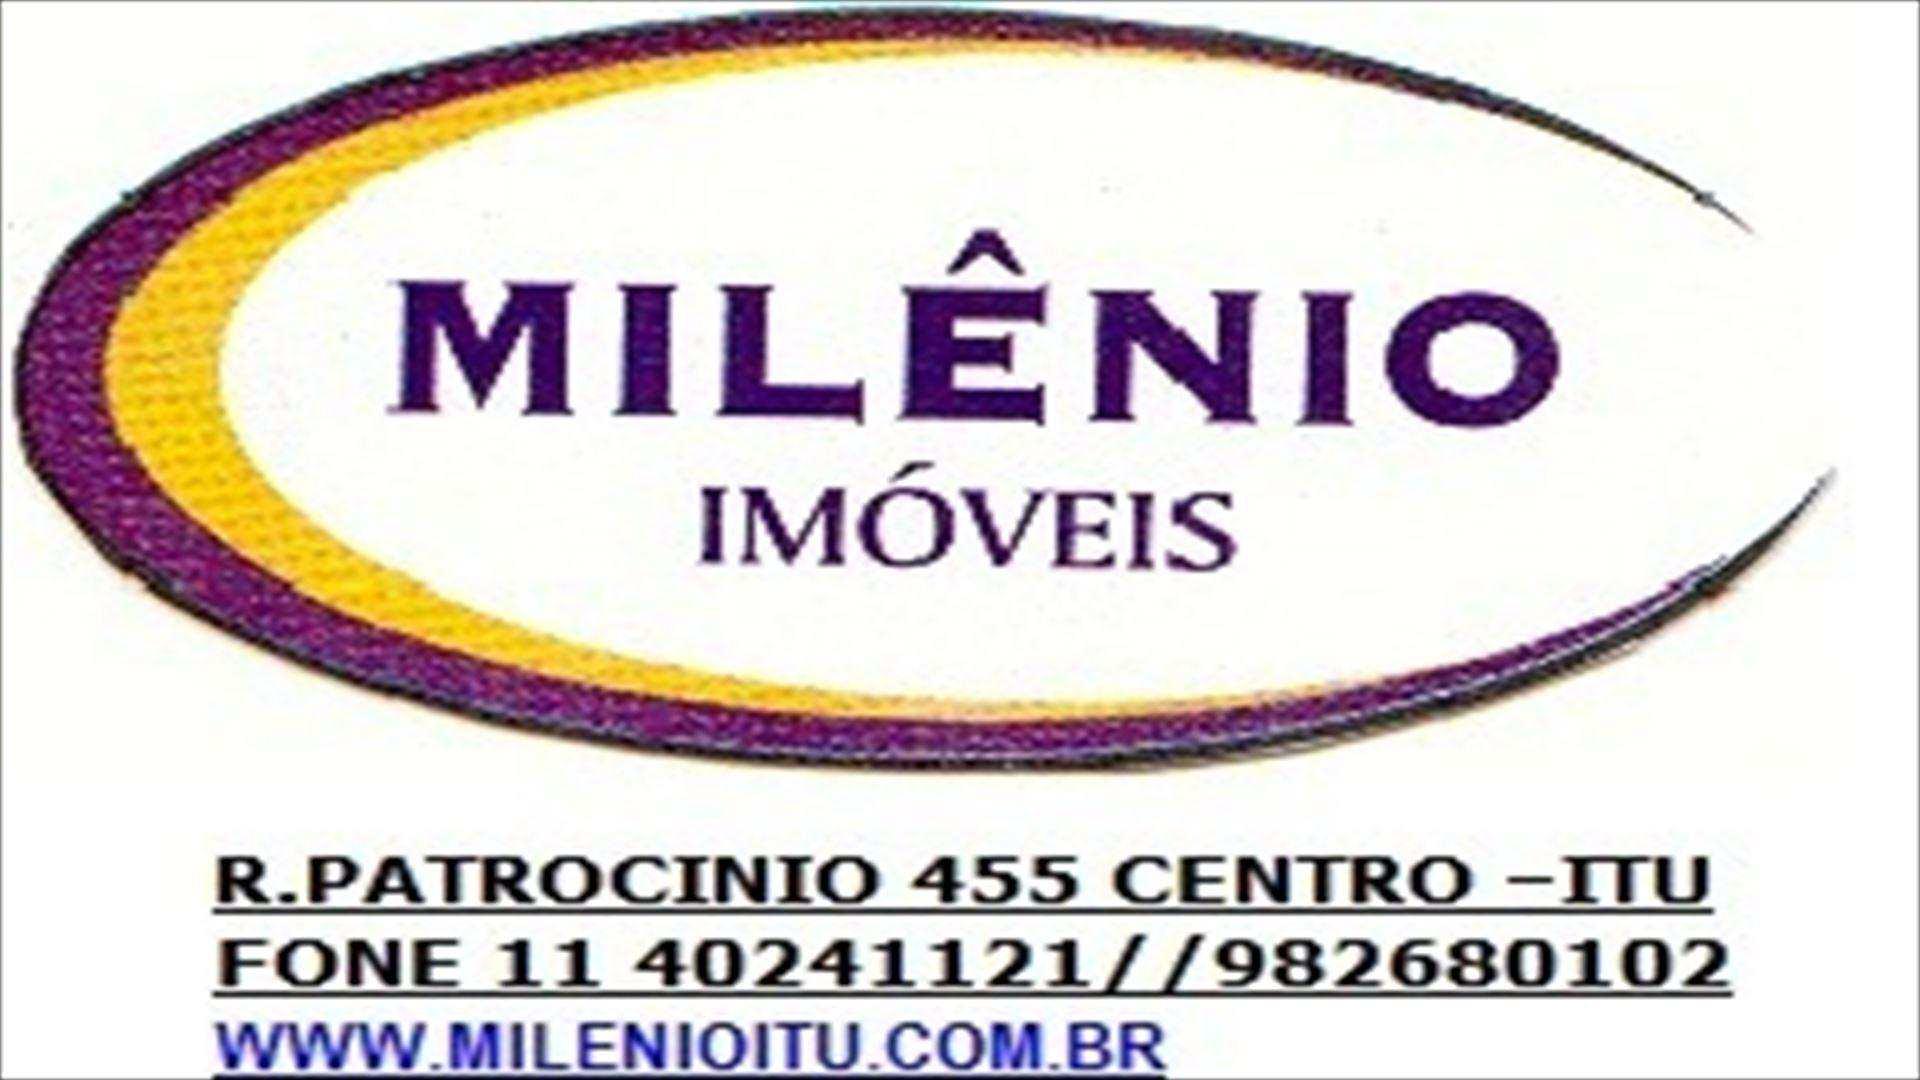 147300-LOGO_TIPO_MILENIO1.jpg